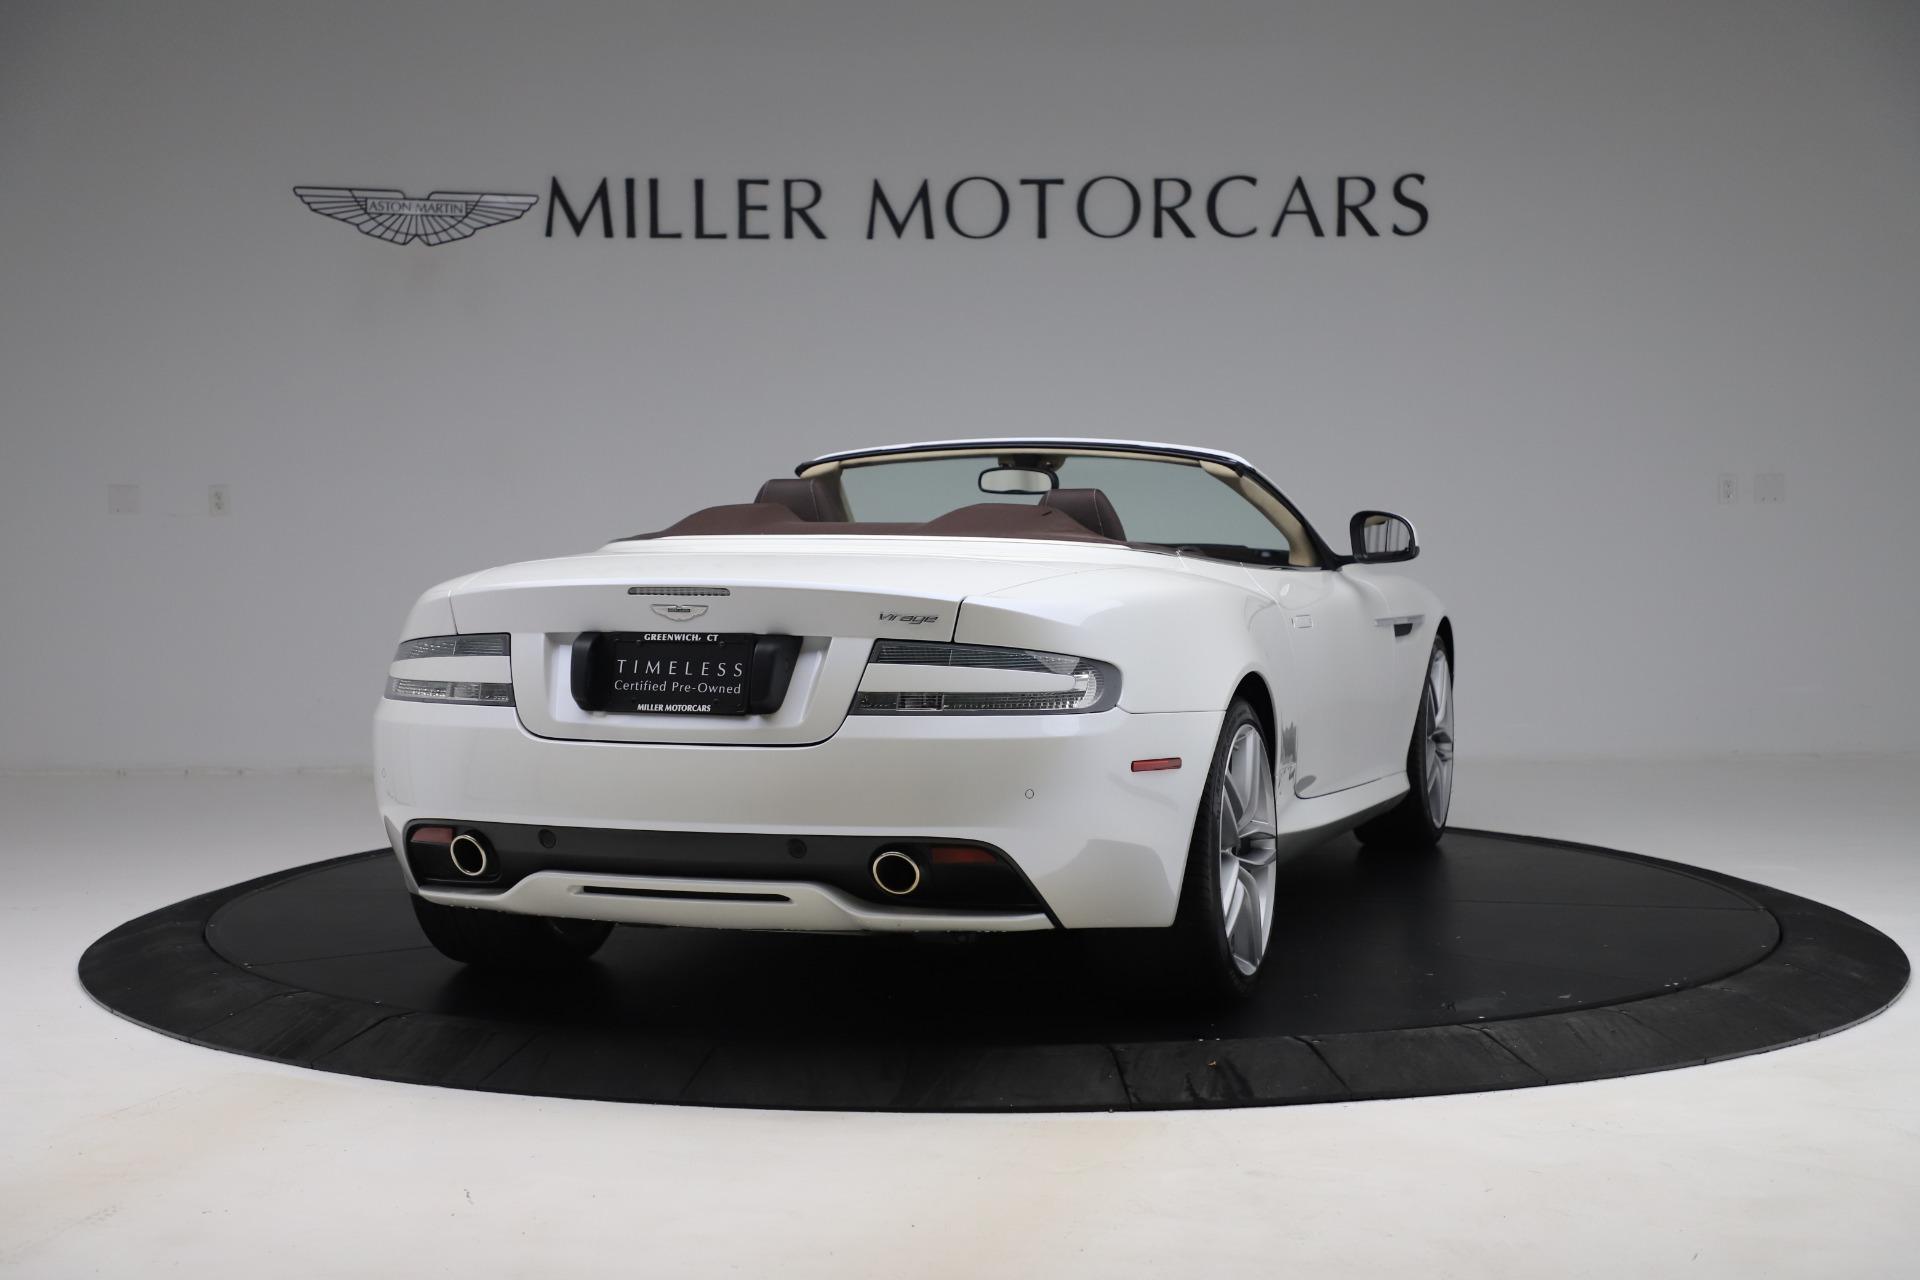 Used 2012 Aston Martin Virage Volante For Sale In Greenwich, CT 3515_p7